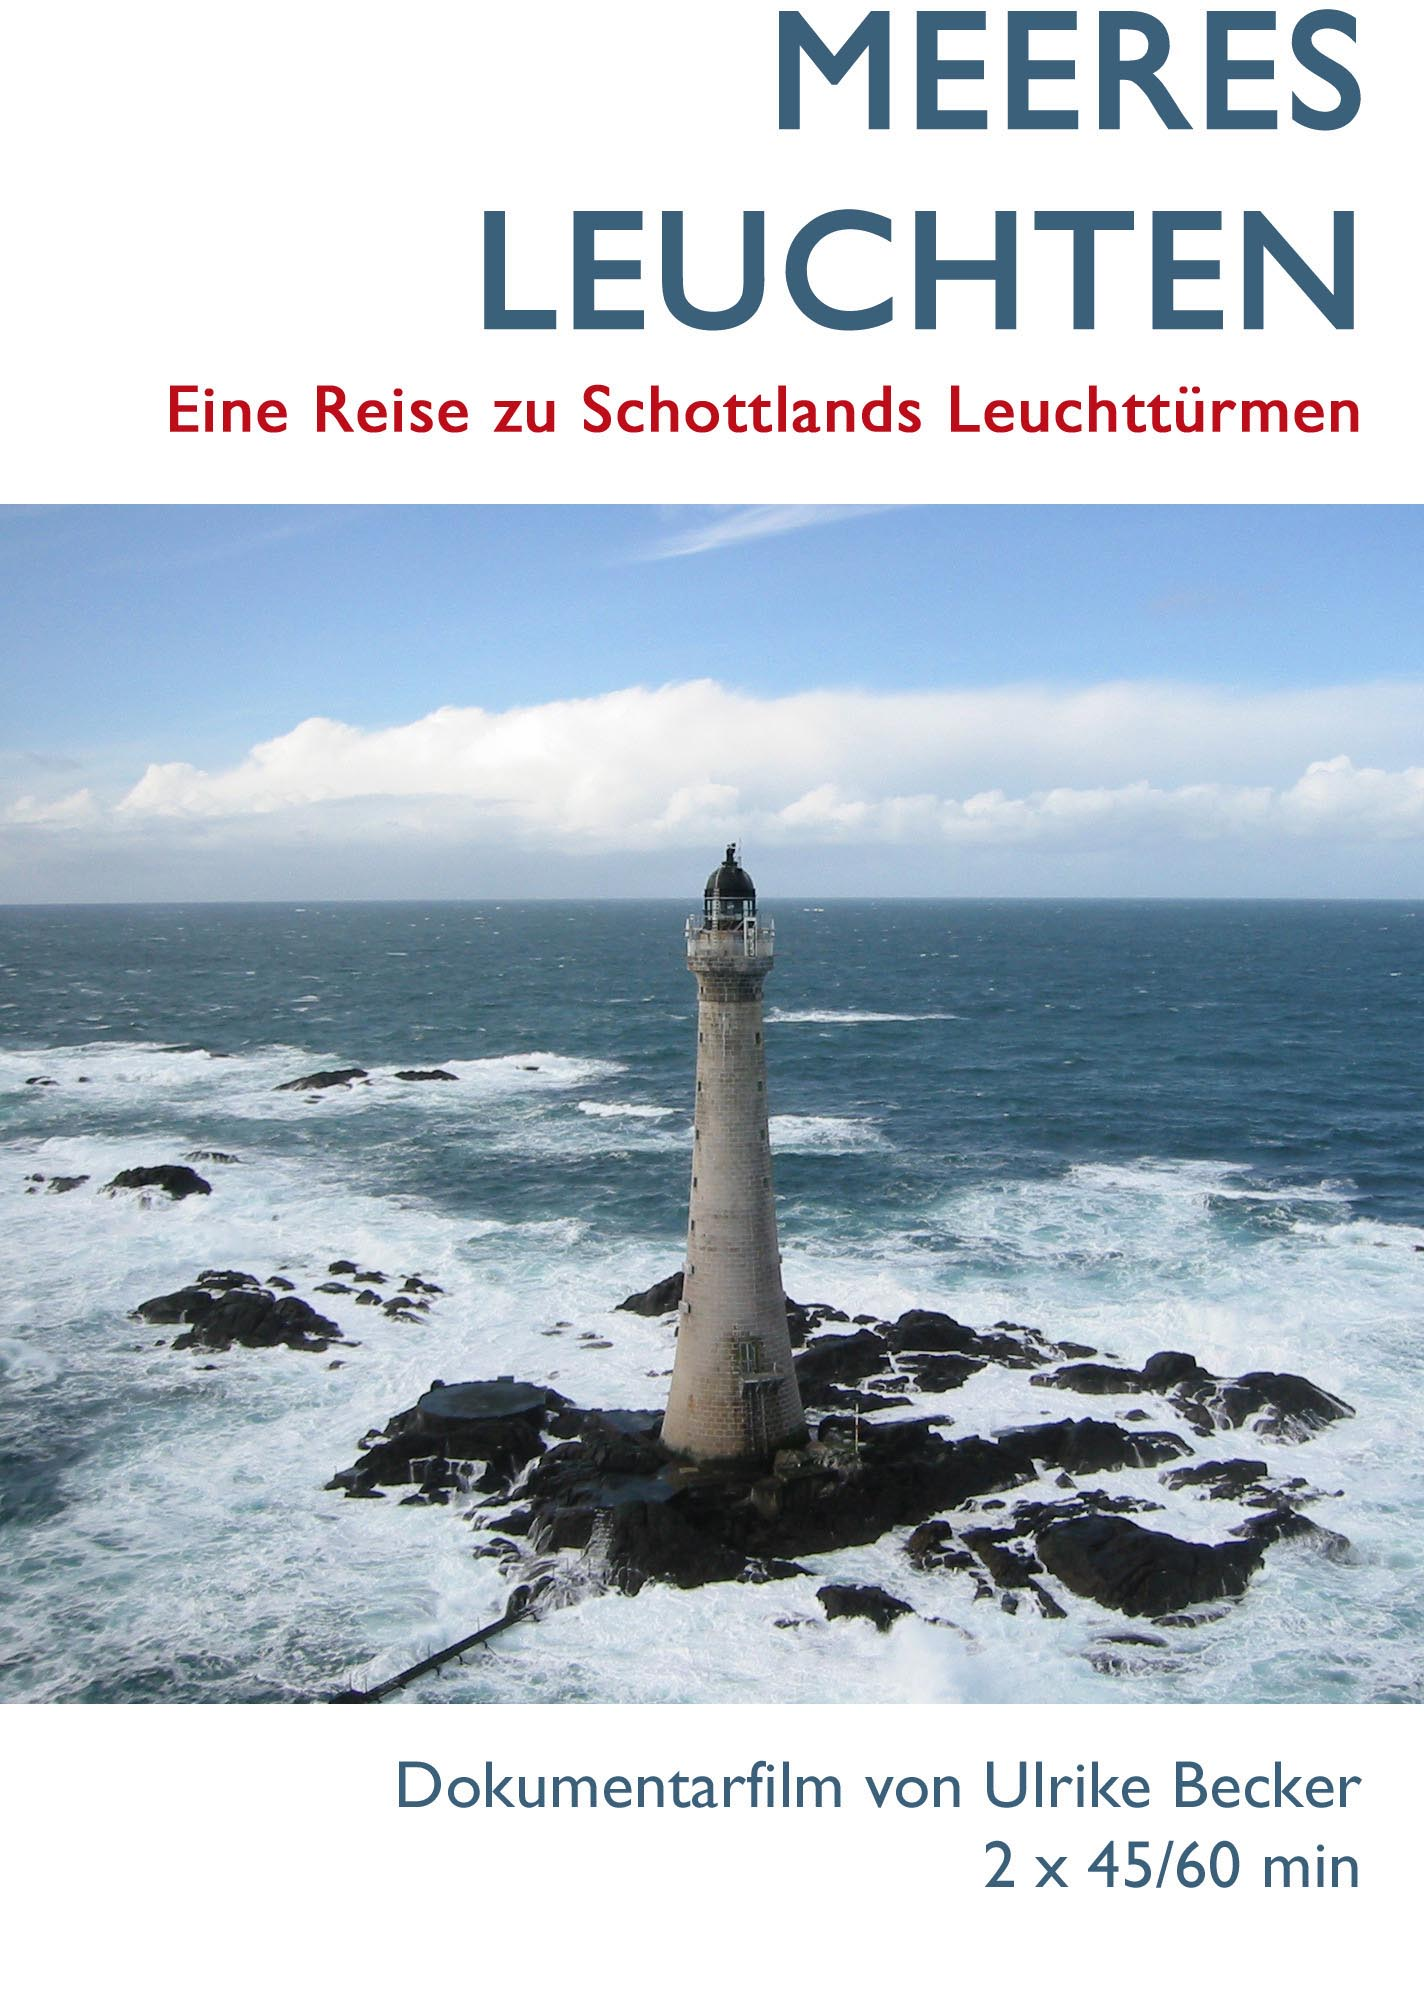 MeeresLeuchten_DVD COVER